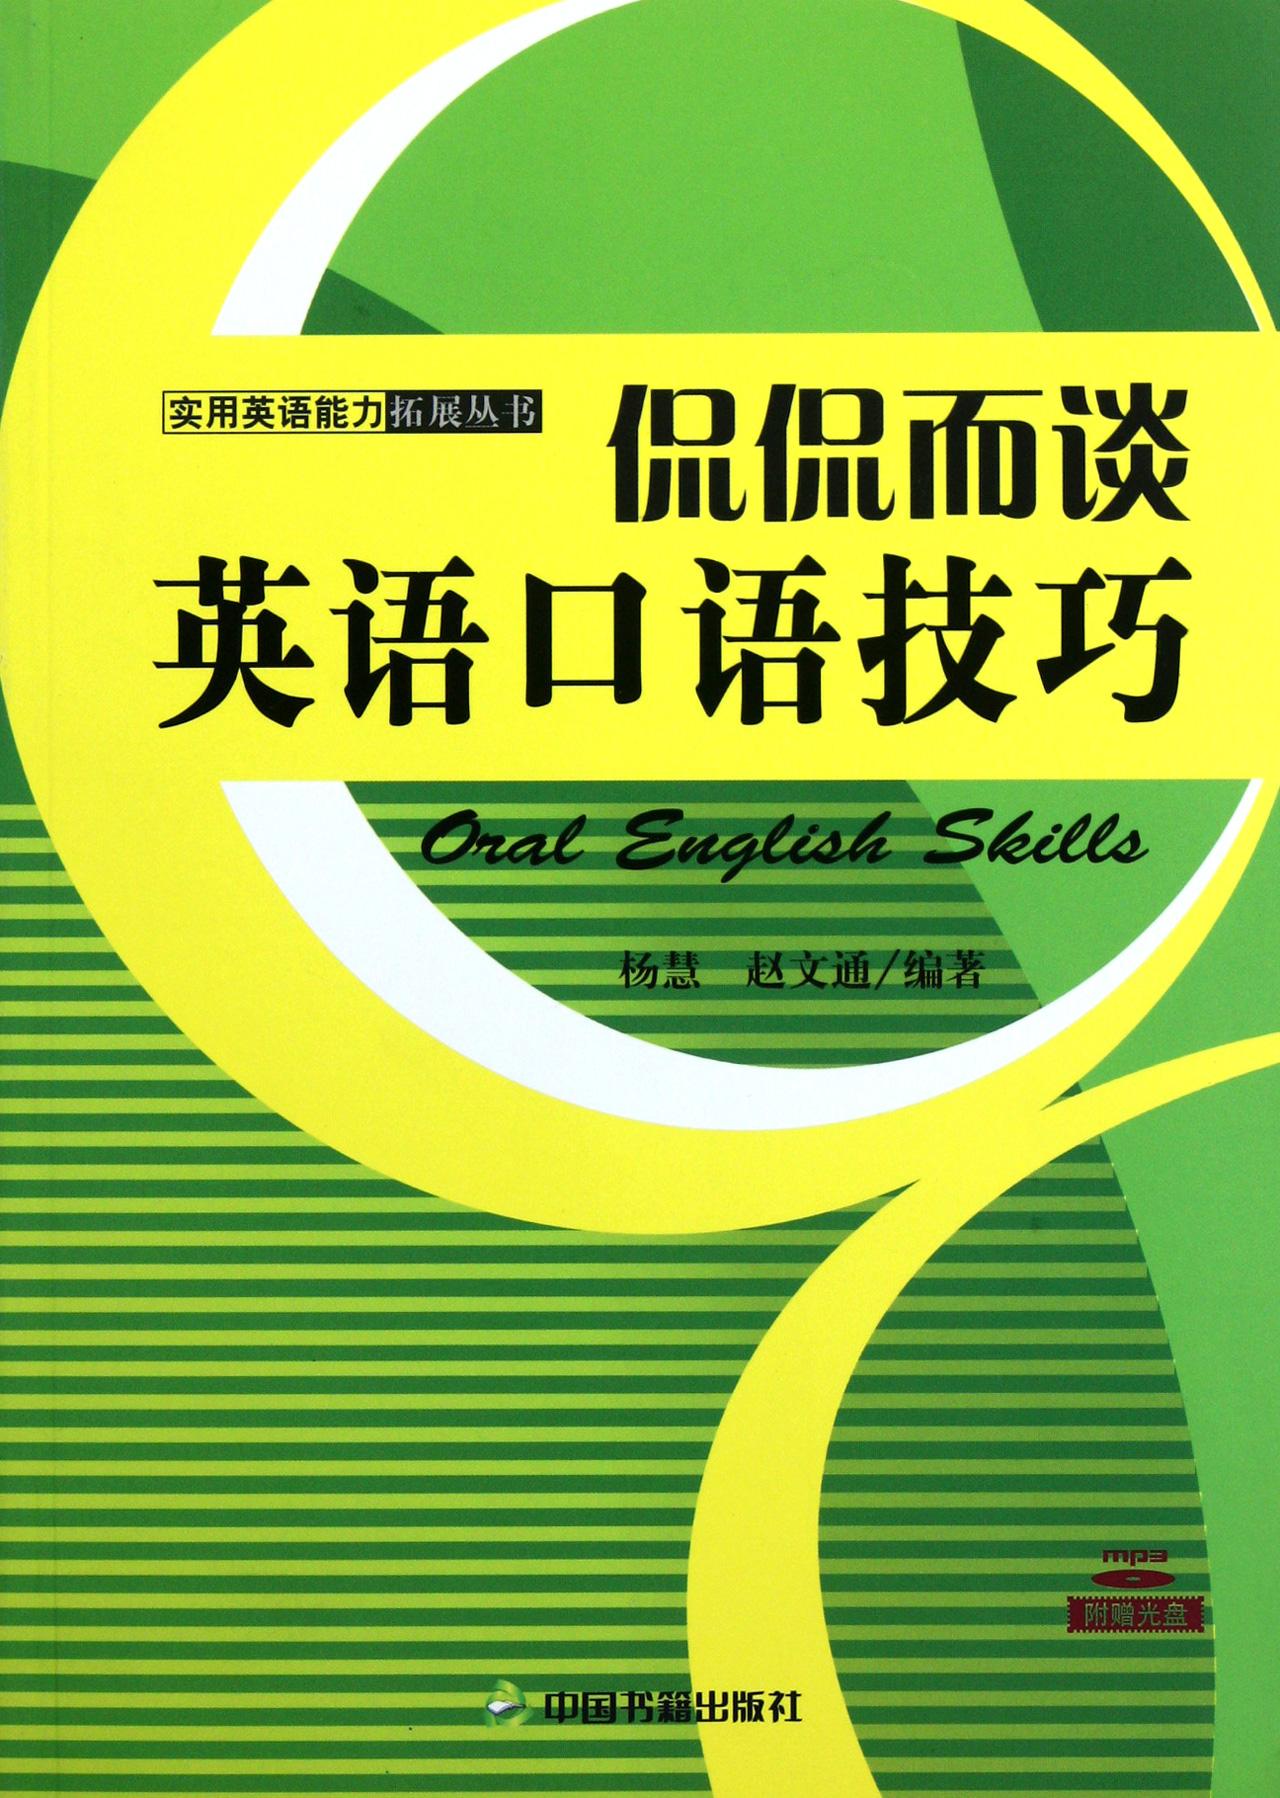 侃侃而谈英语口语技巧附光盘/实用英语能力拓展丛书